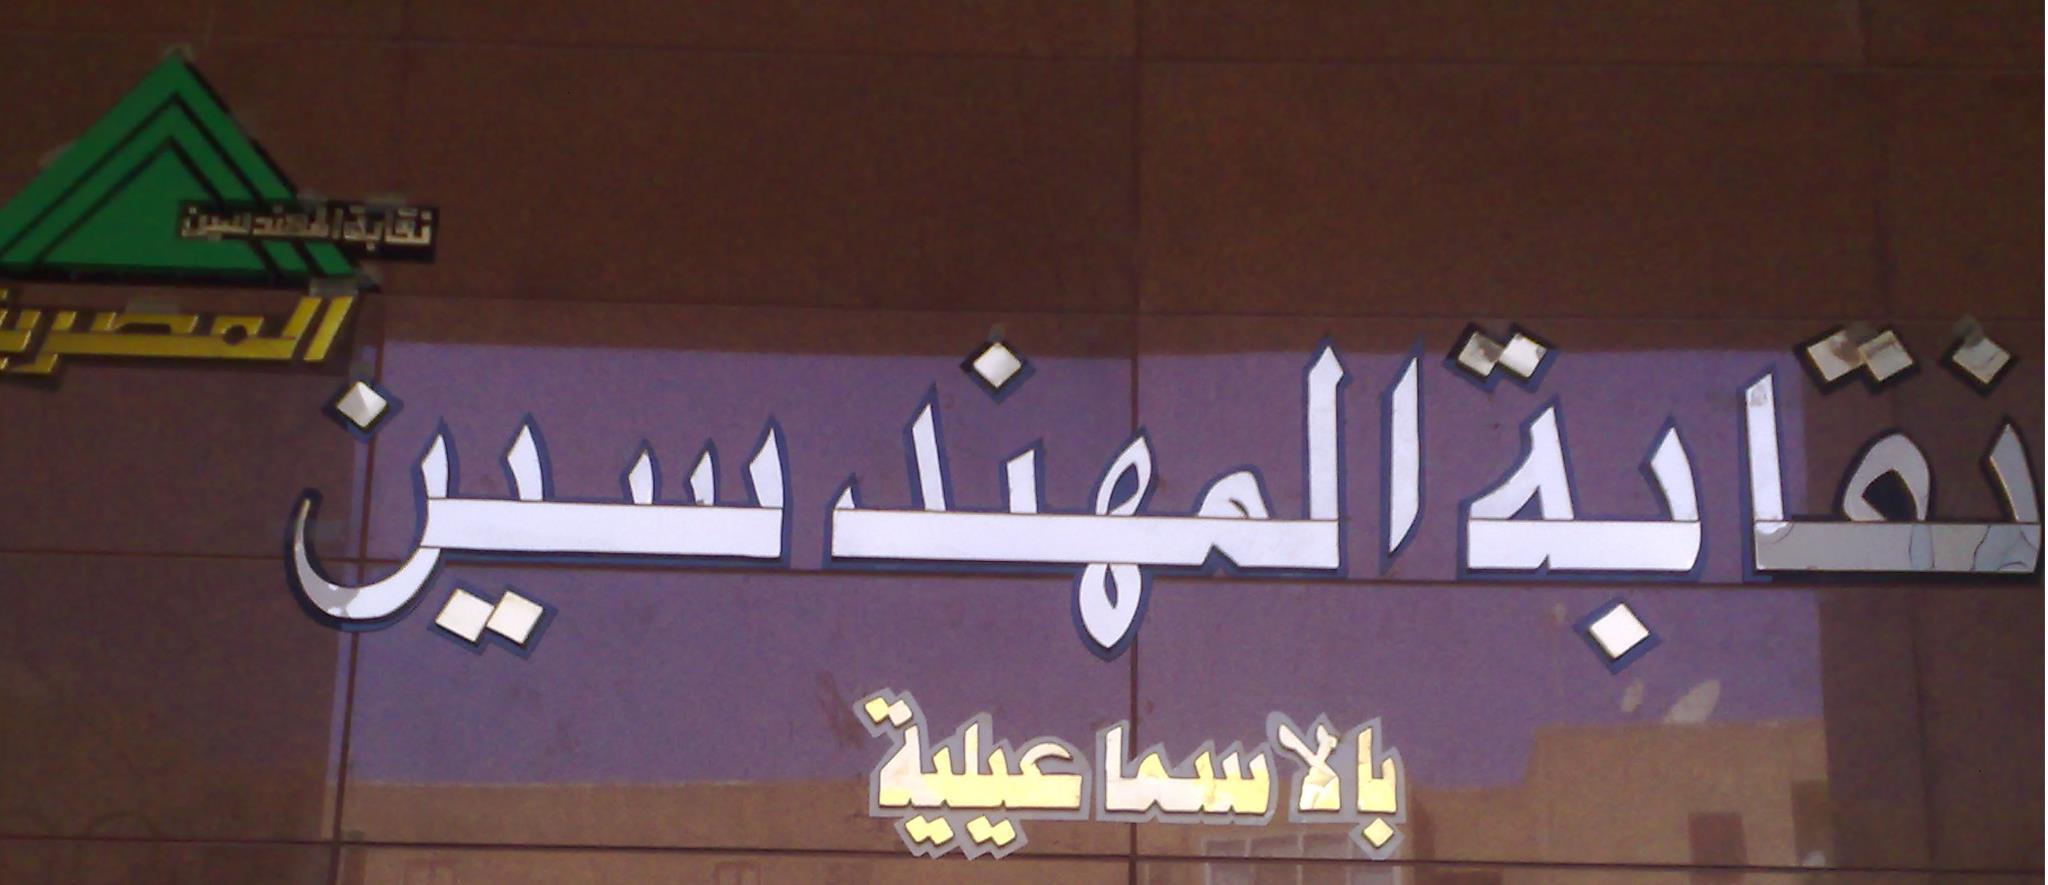 عاجل.. فوز المهندس احمد المصري بمنصب نقيب المهندسين بالاسماعيلية عن قائمة في حب مصر